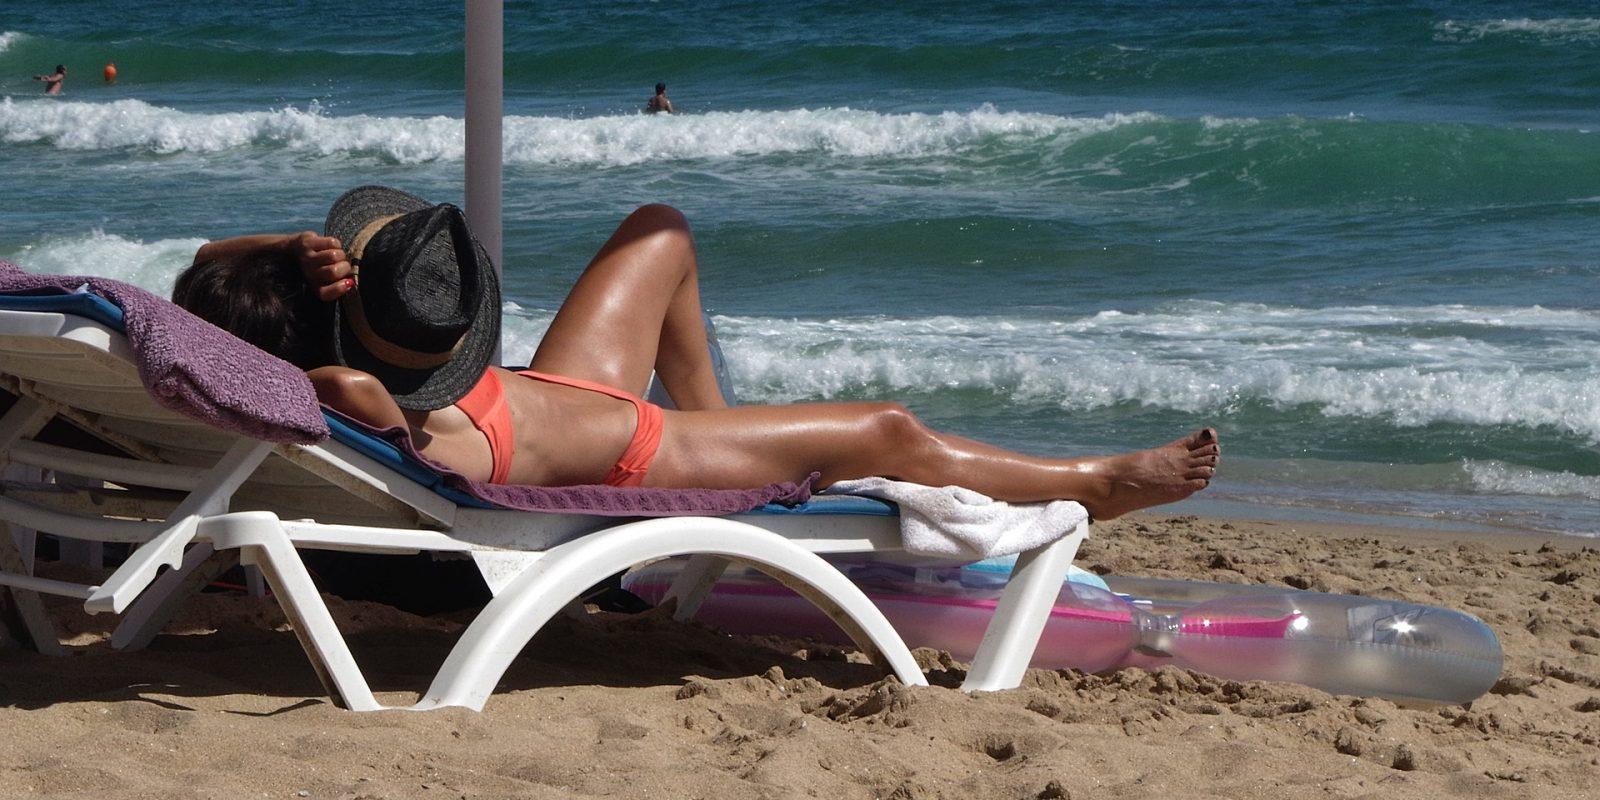 A napozás csökkenti a vérnyomást, de nem csak a meleg révén